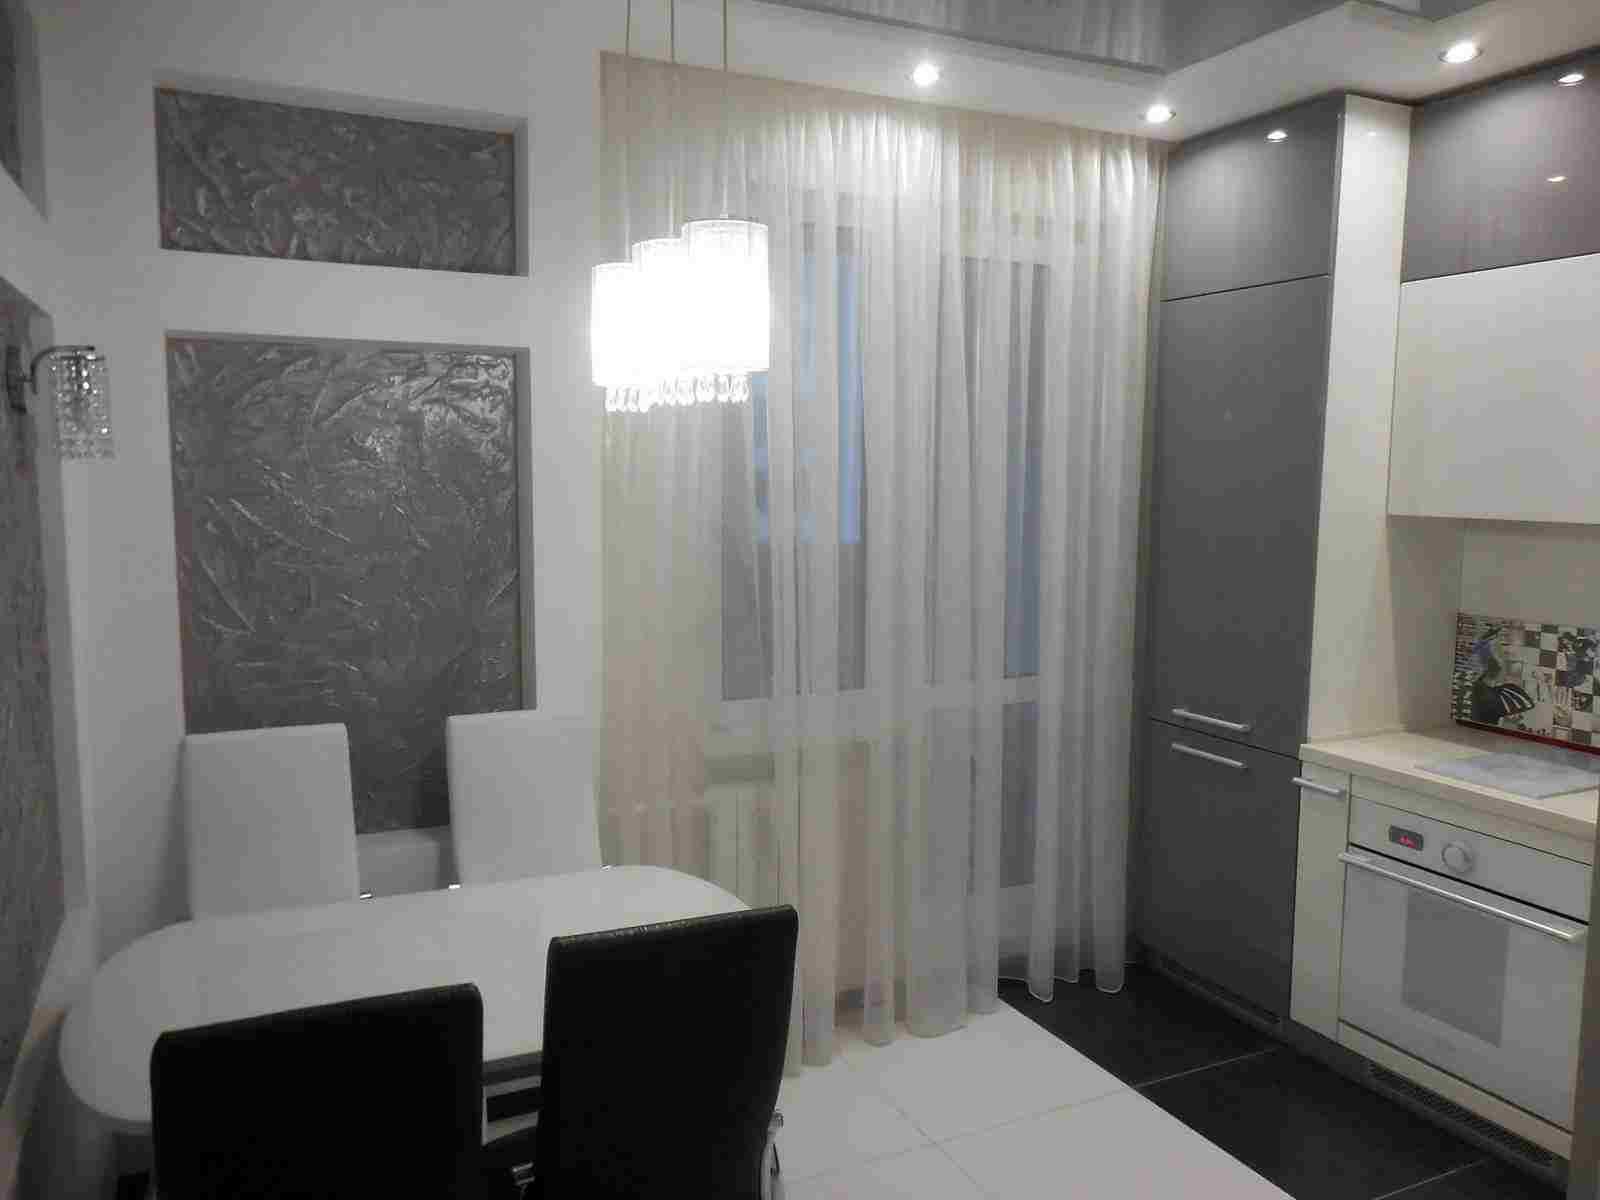 1-комнатная квартира, улица Парковая, 3а. Фото